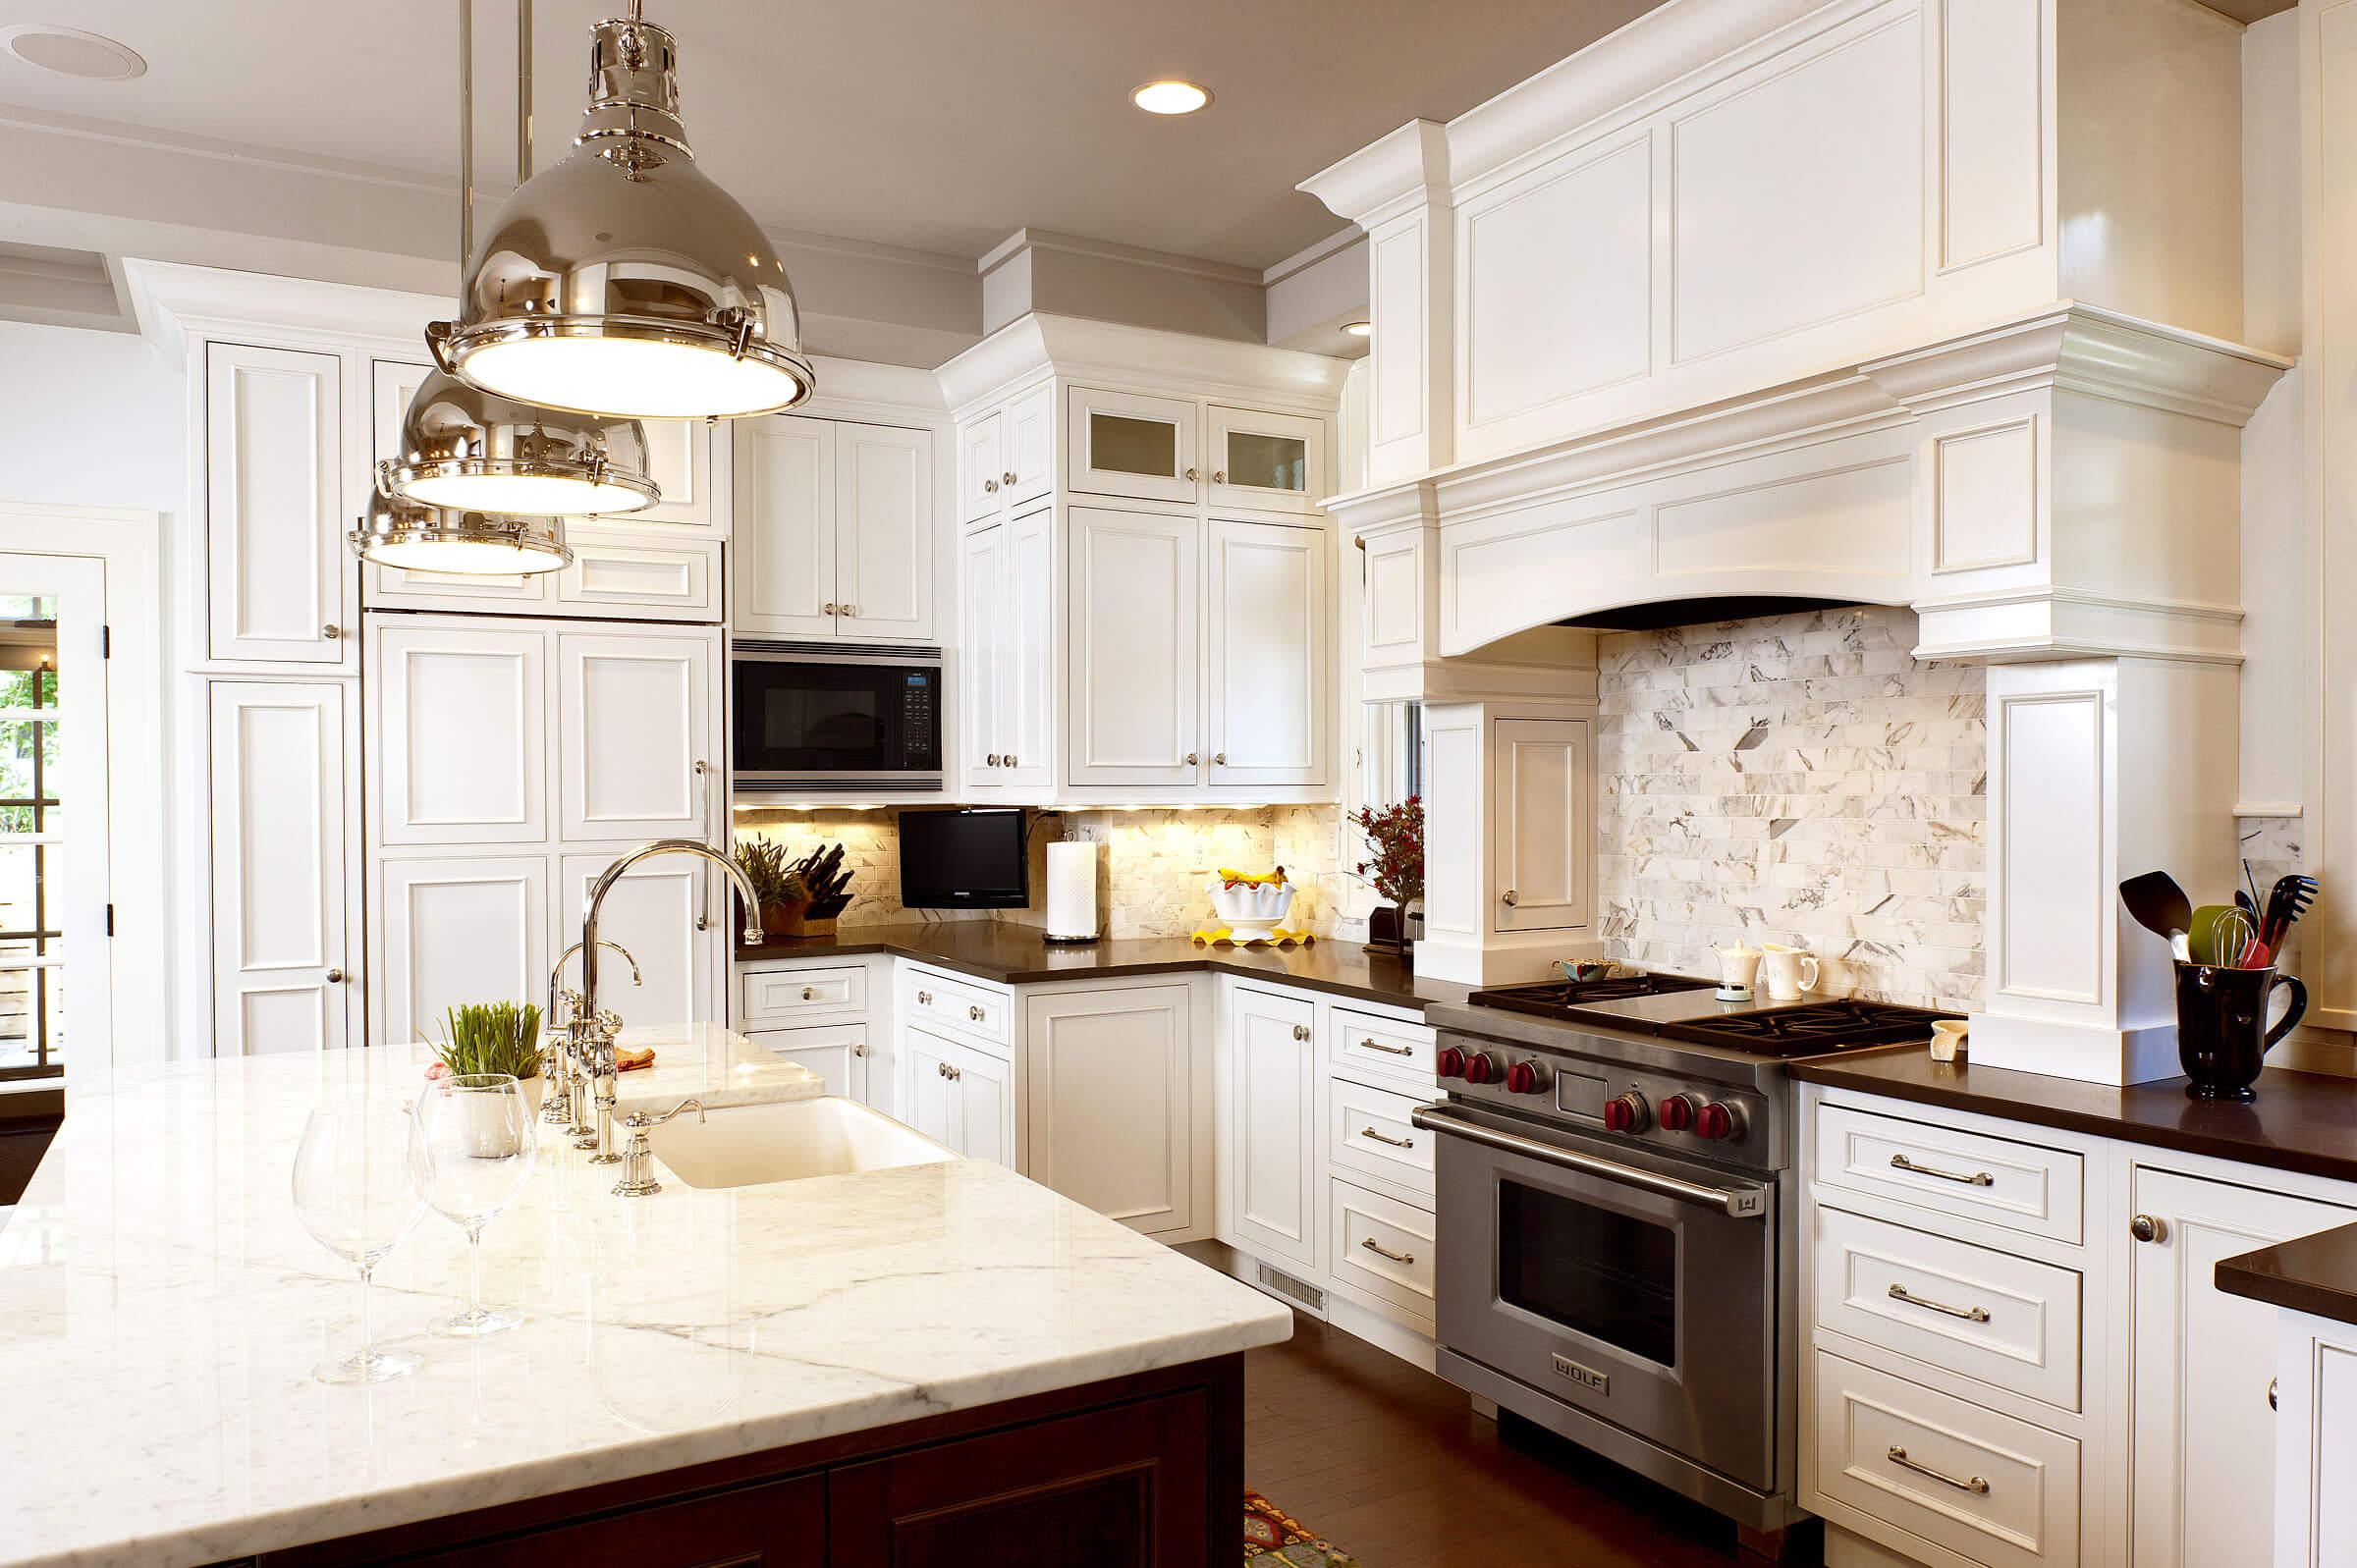 Tampa Kitchen Remodel & Design Studio | AGS Stone